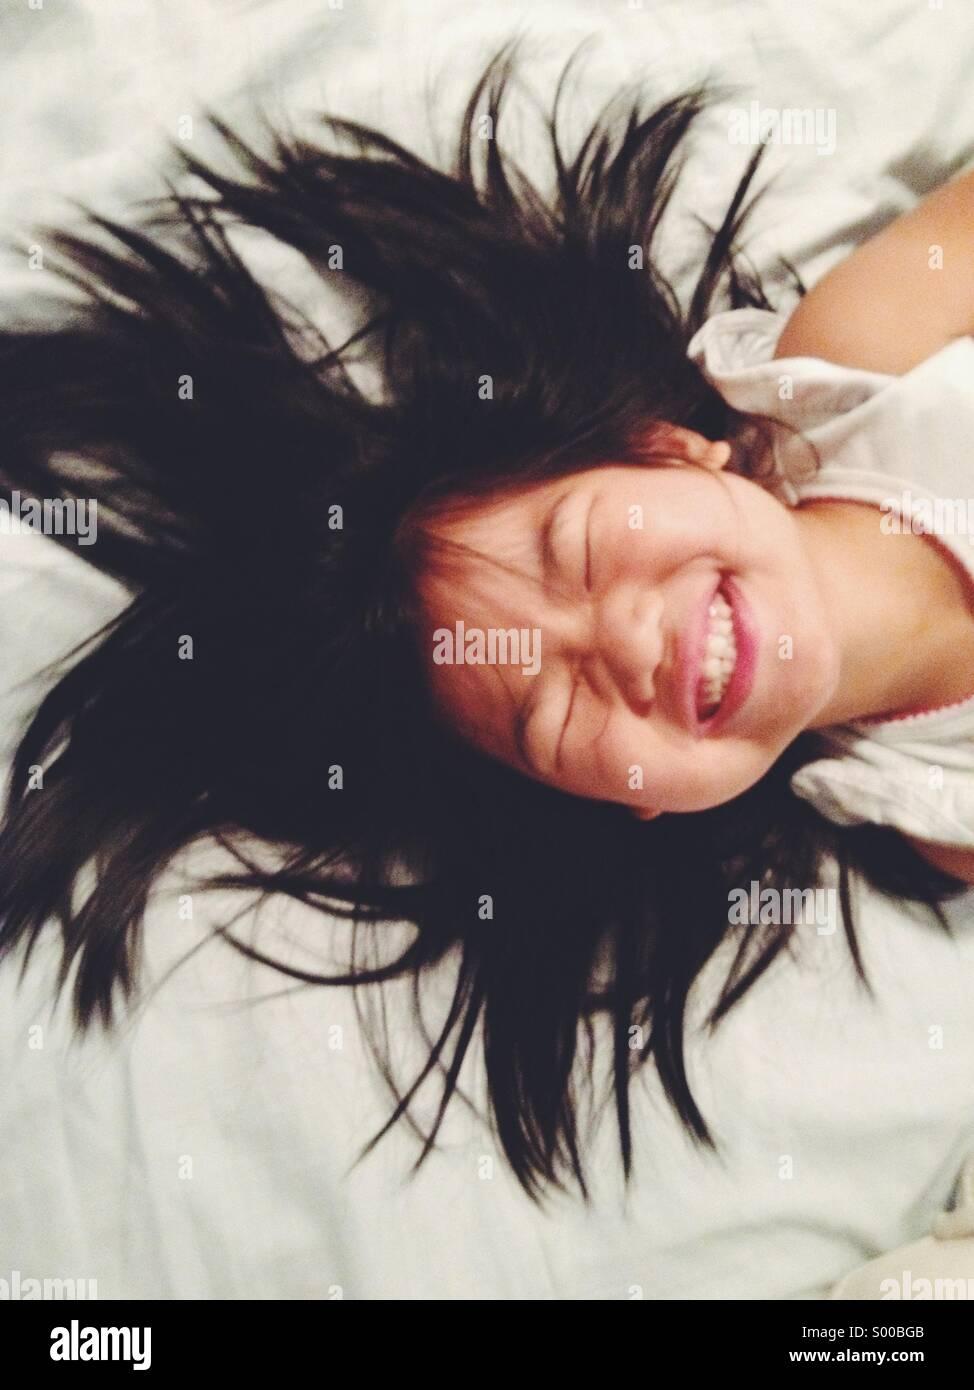 Joven acostado en la cama sonriendo Foto de stock